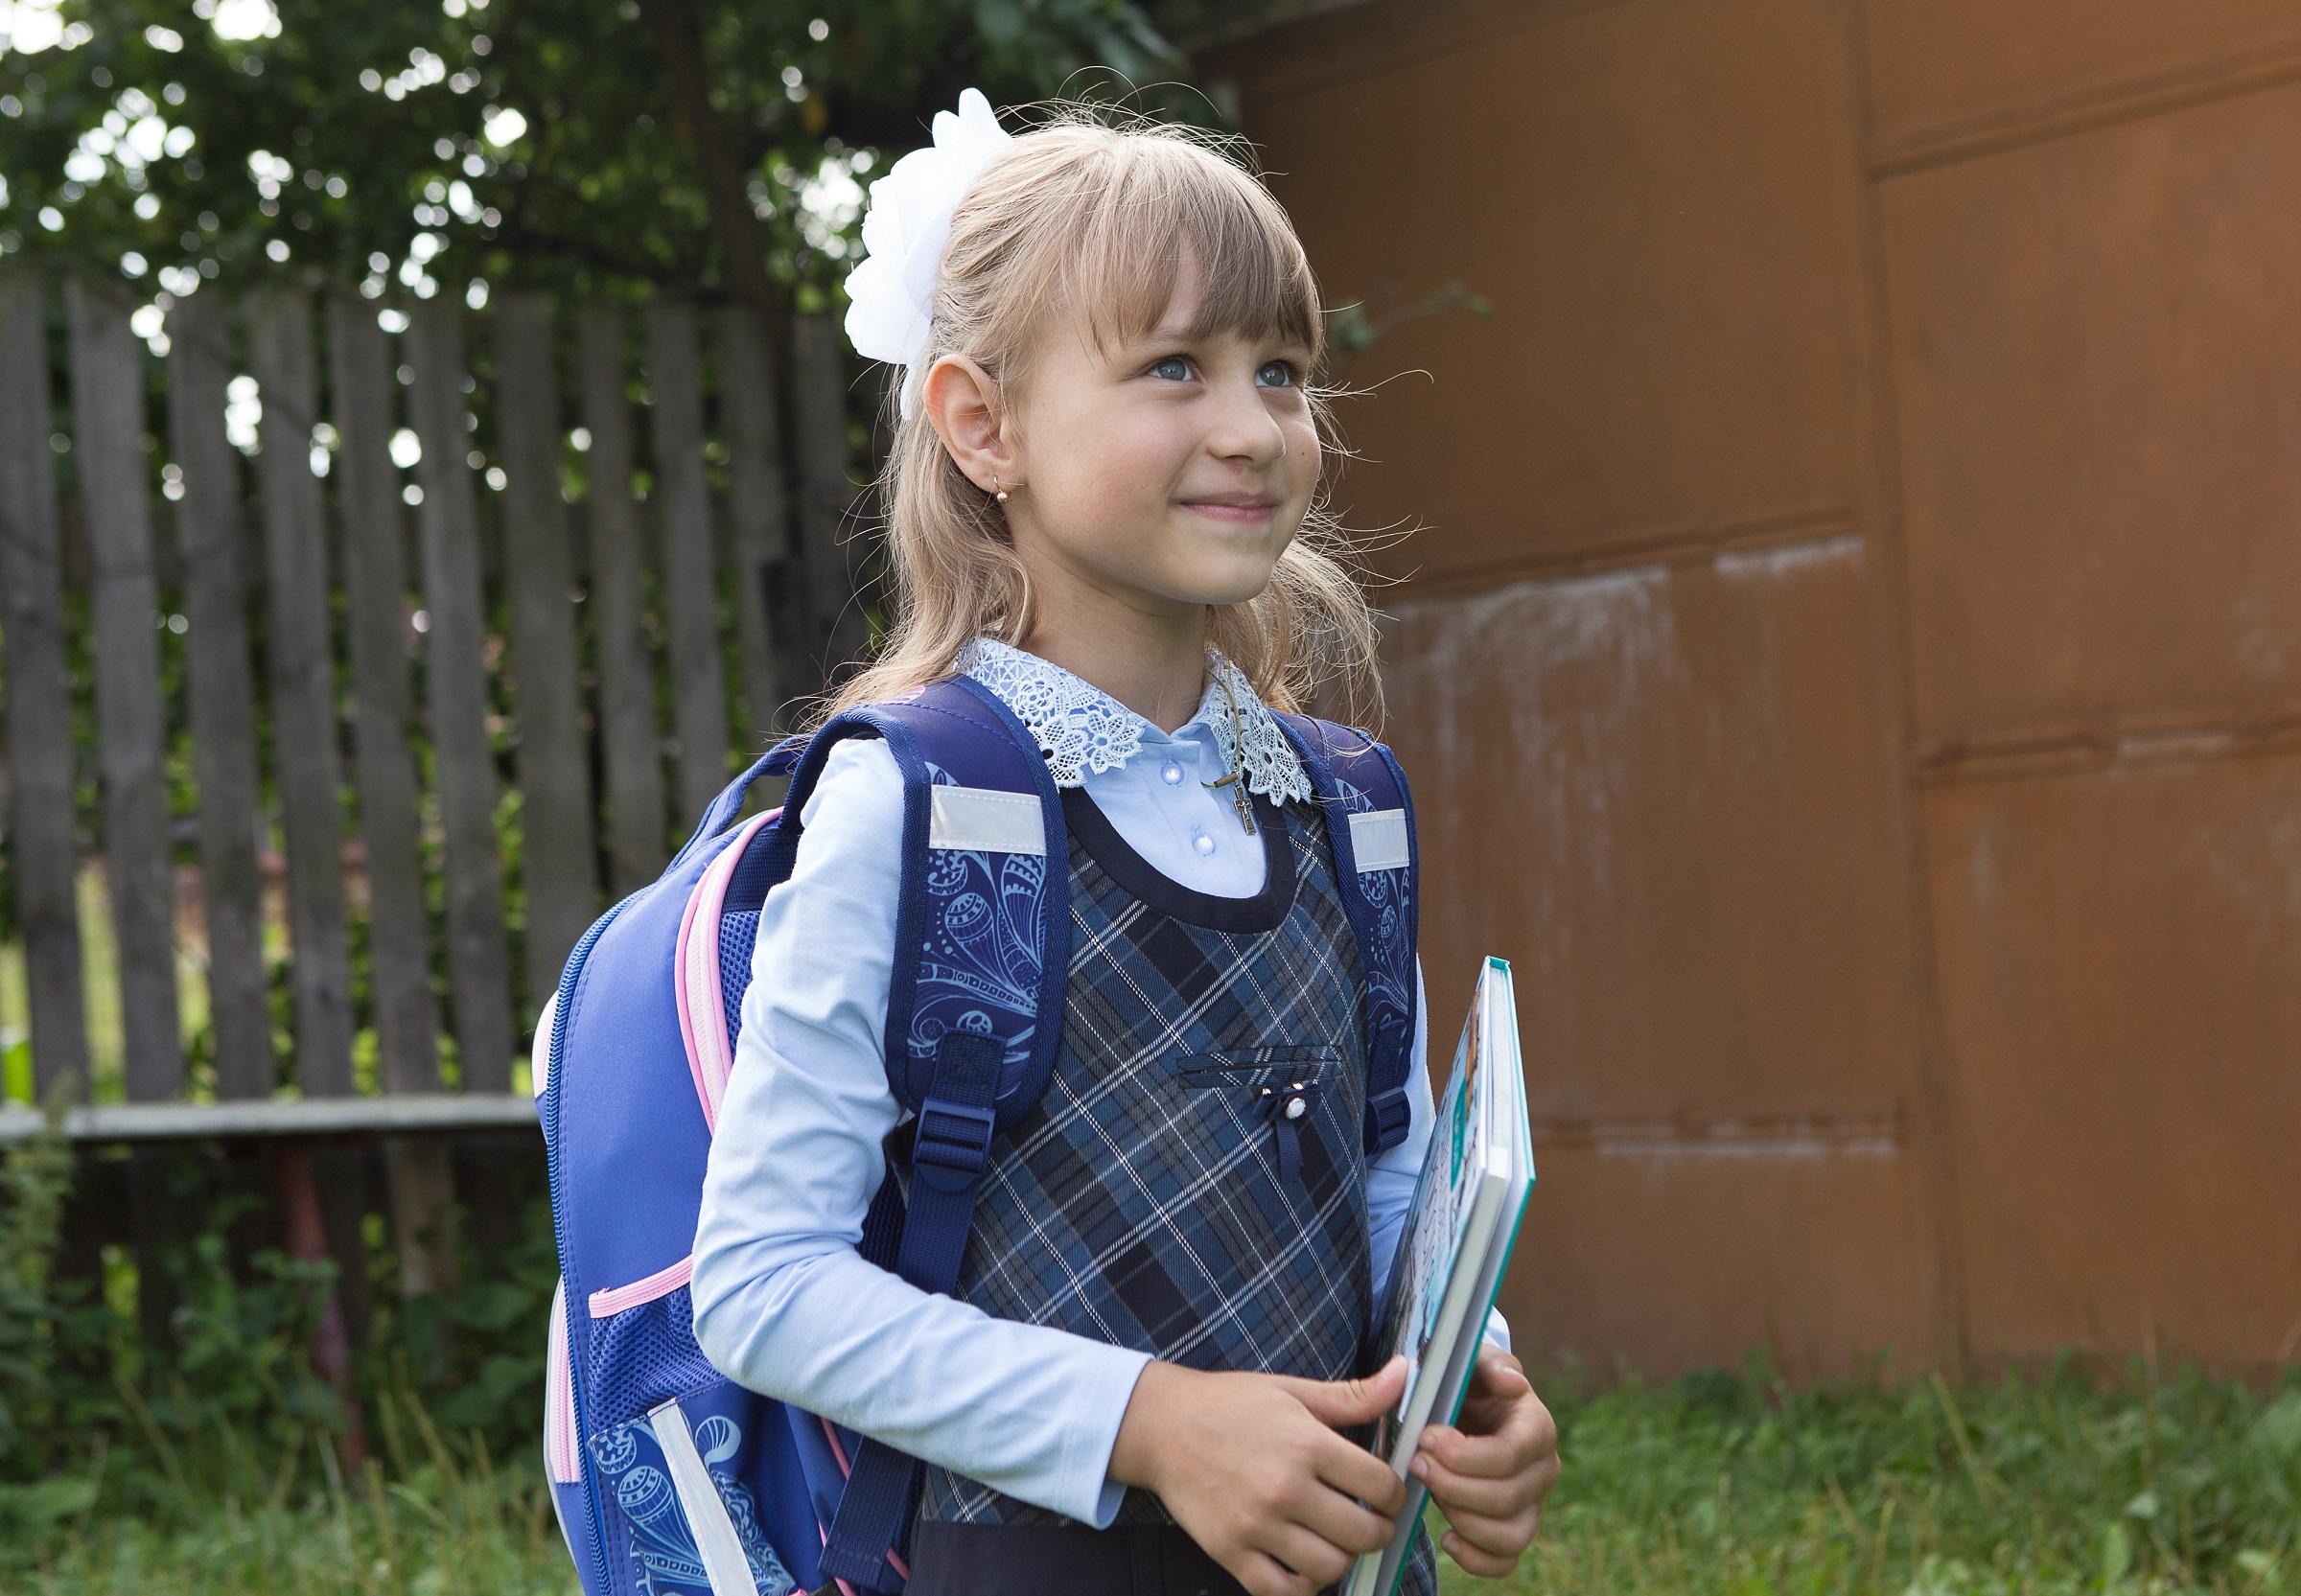 Фонд «ОМК-Участие» поможет собрать в школу детей из малообеспеченных семей